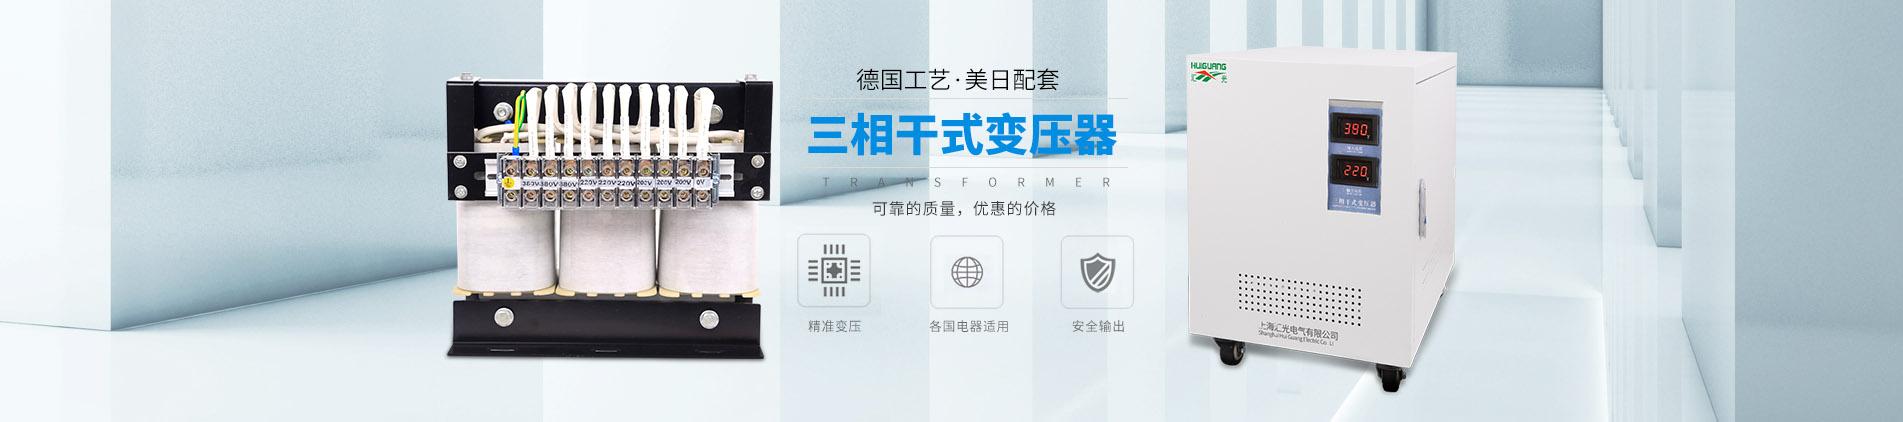 光伏专用三相升压隔离变压器_上海汇光电气有限公司